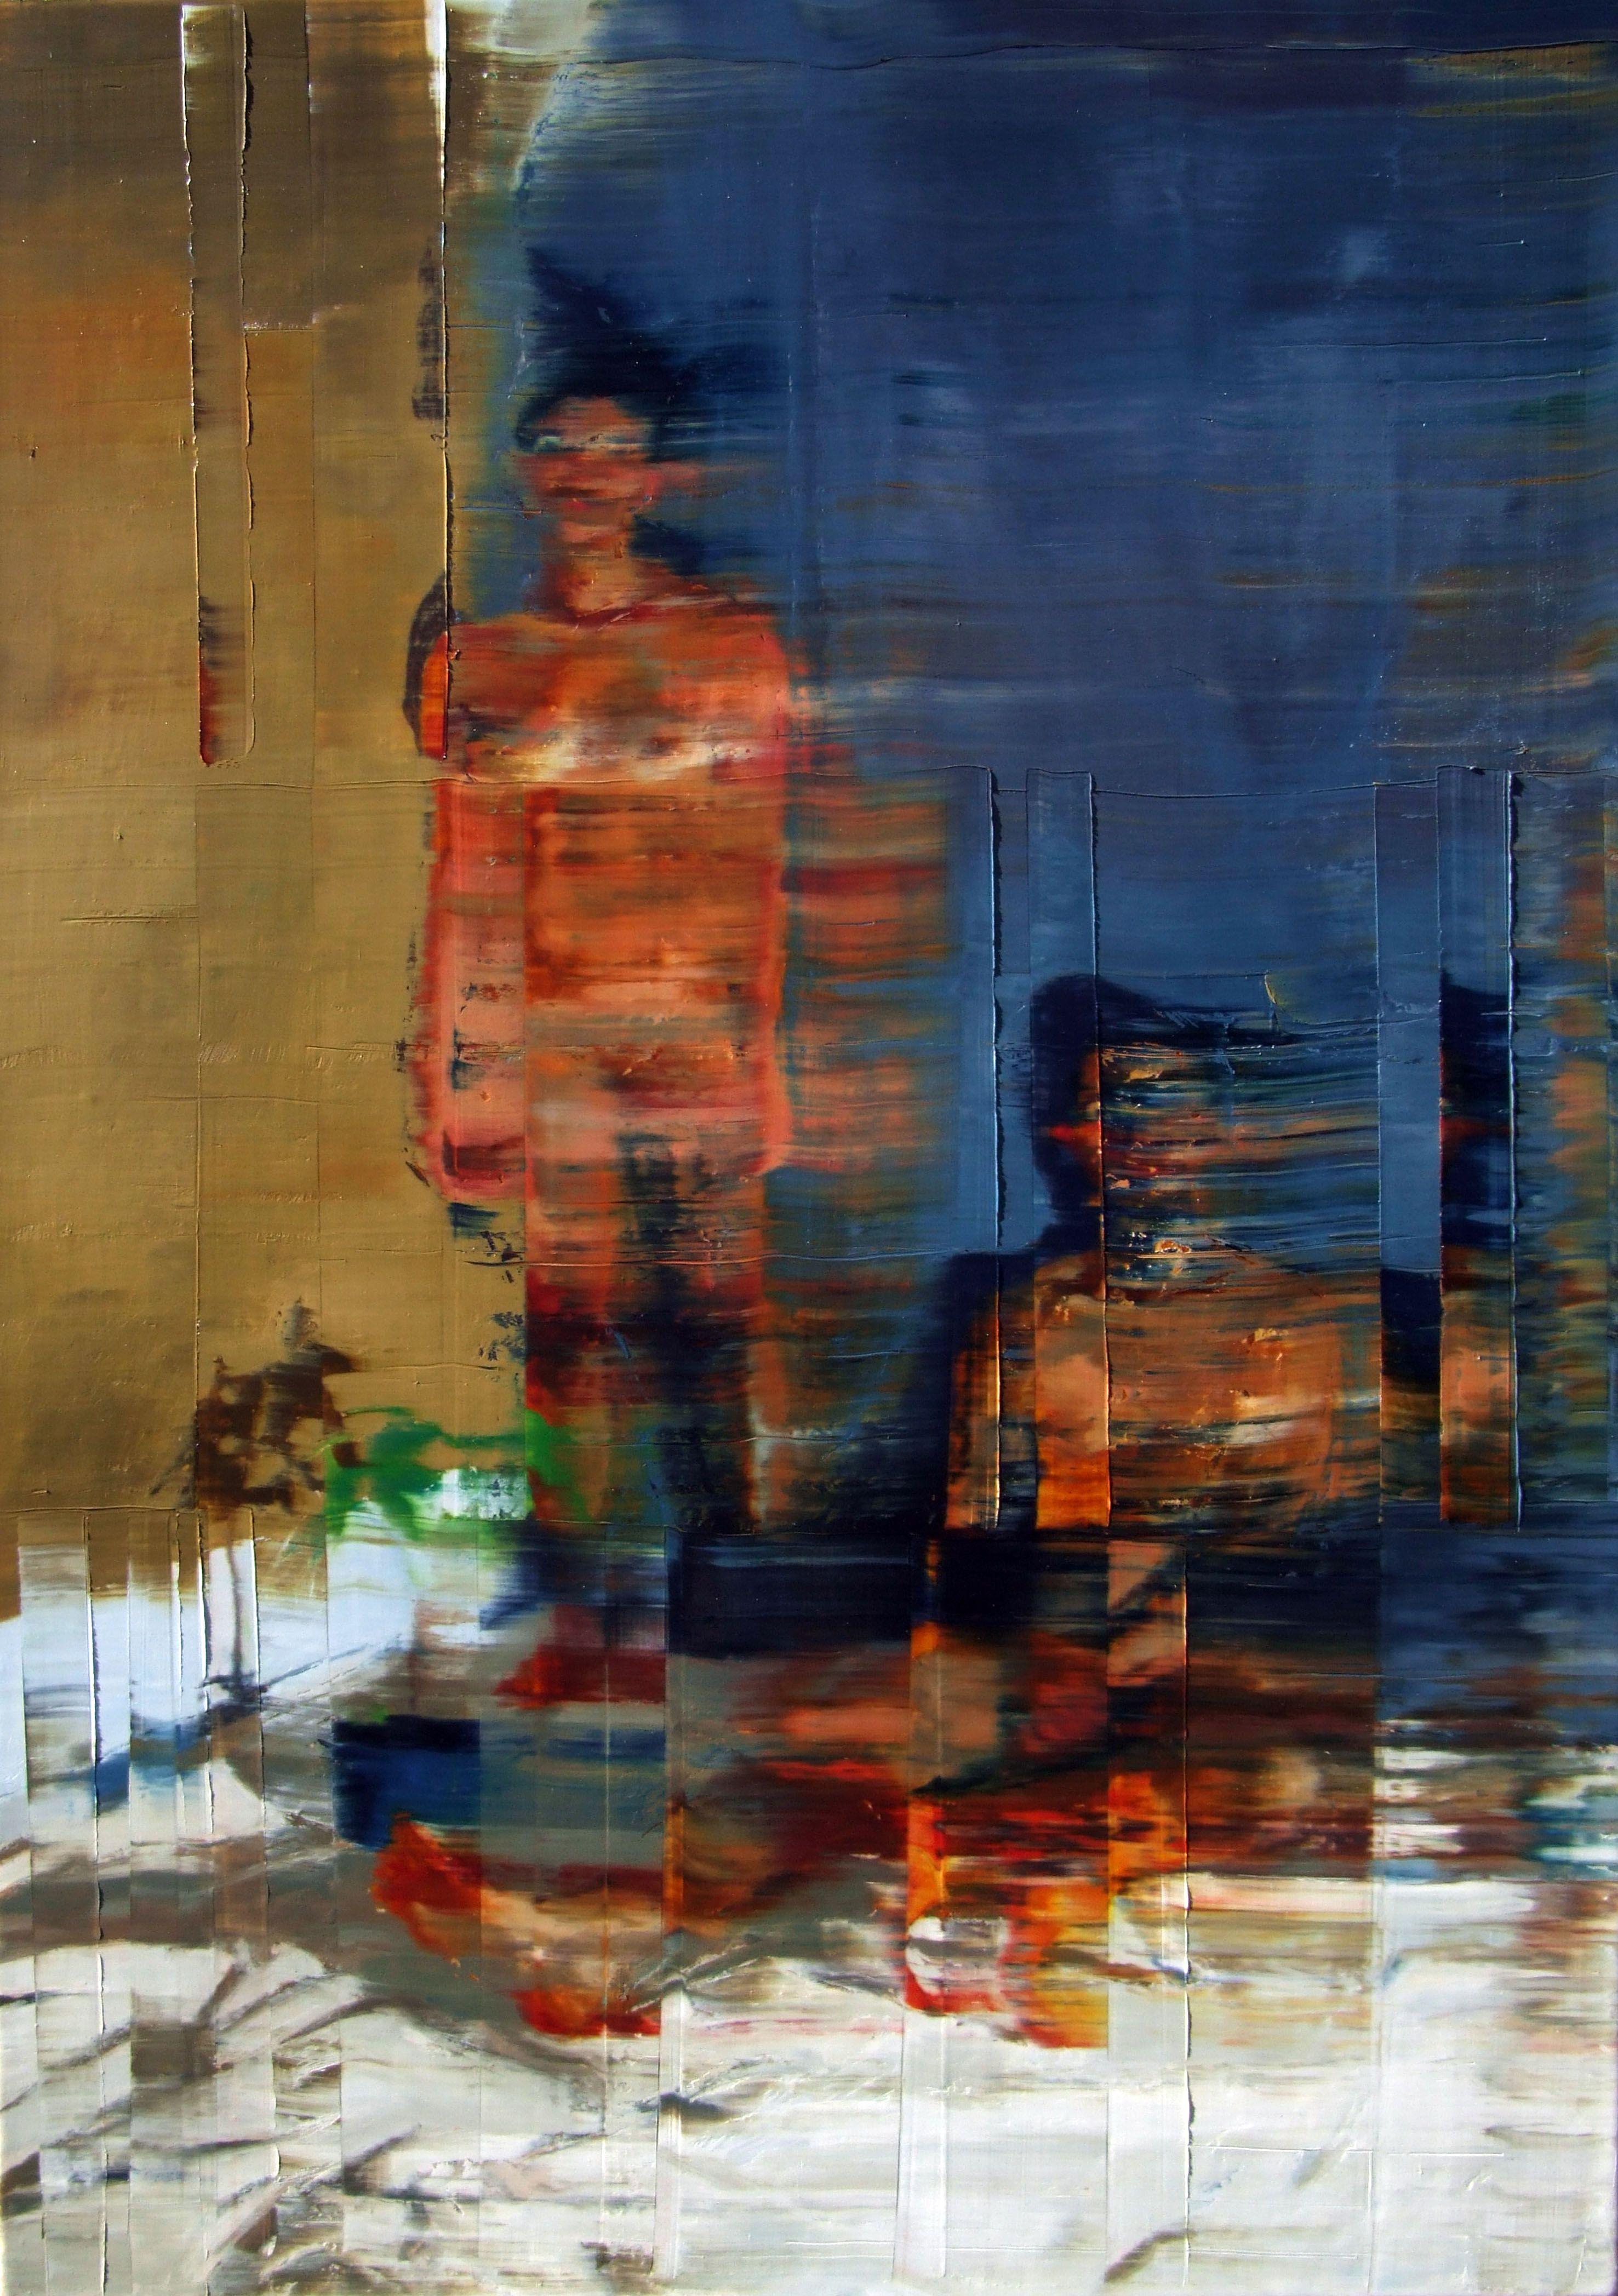 Casal nú com planta e fundo azul. OST. 92cmx 65cm. óleo sobre tela. Taigo Meireles.